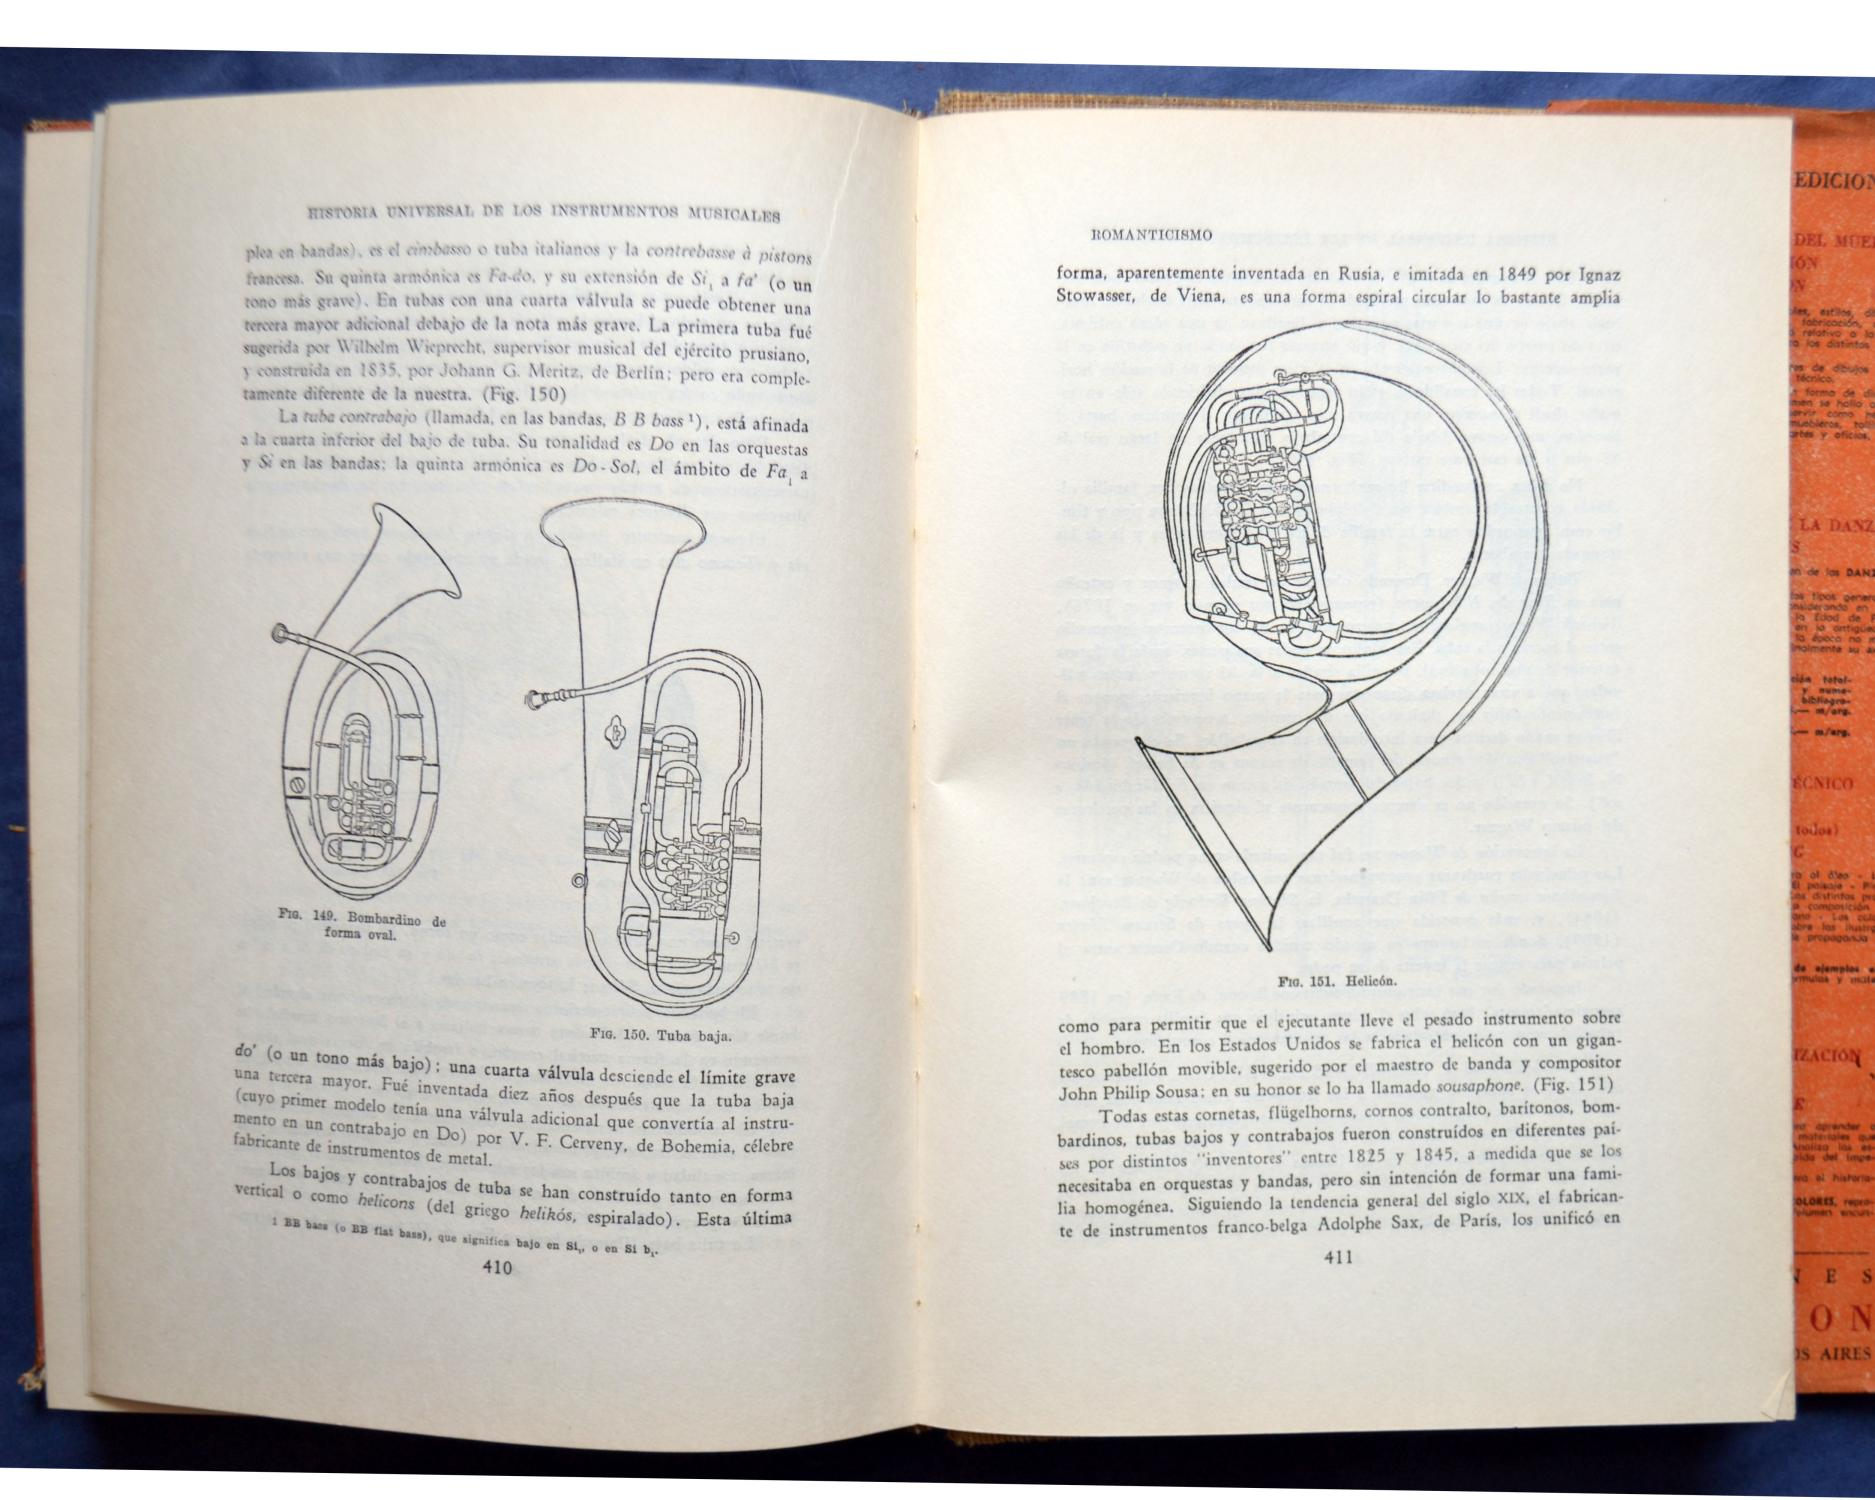 HISTORIA UNIVERSAL DE LOS INSTRUMENTOS MUSICALES: CURT SACHS